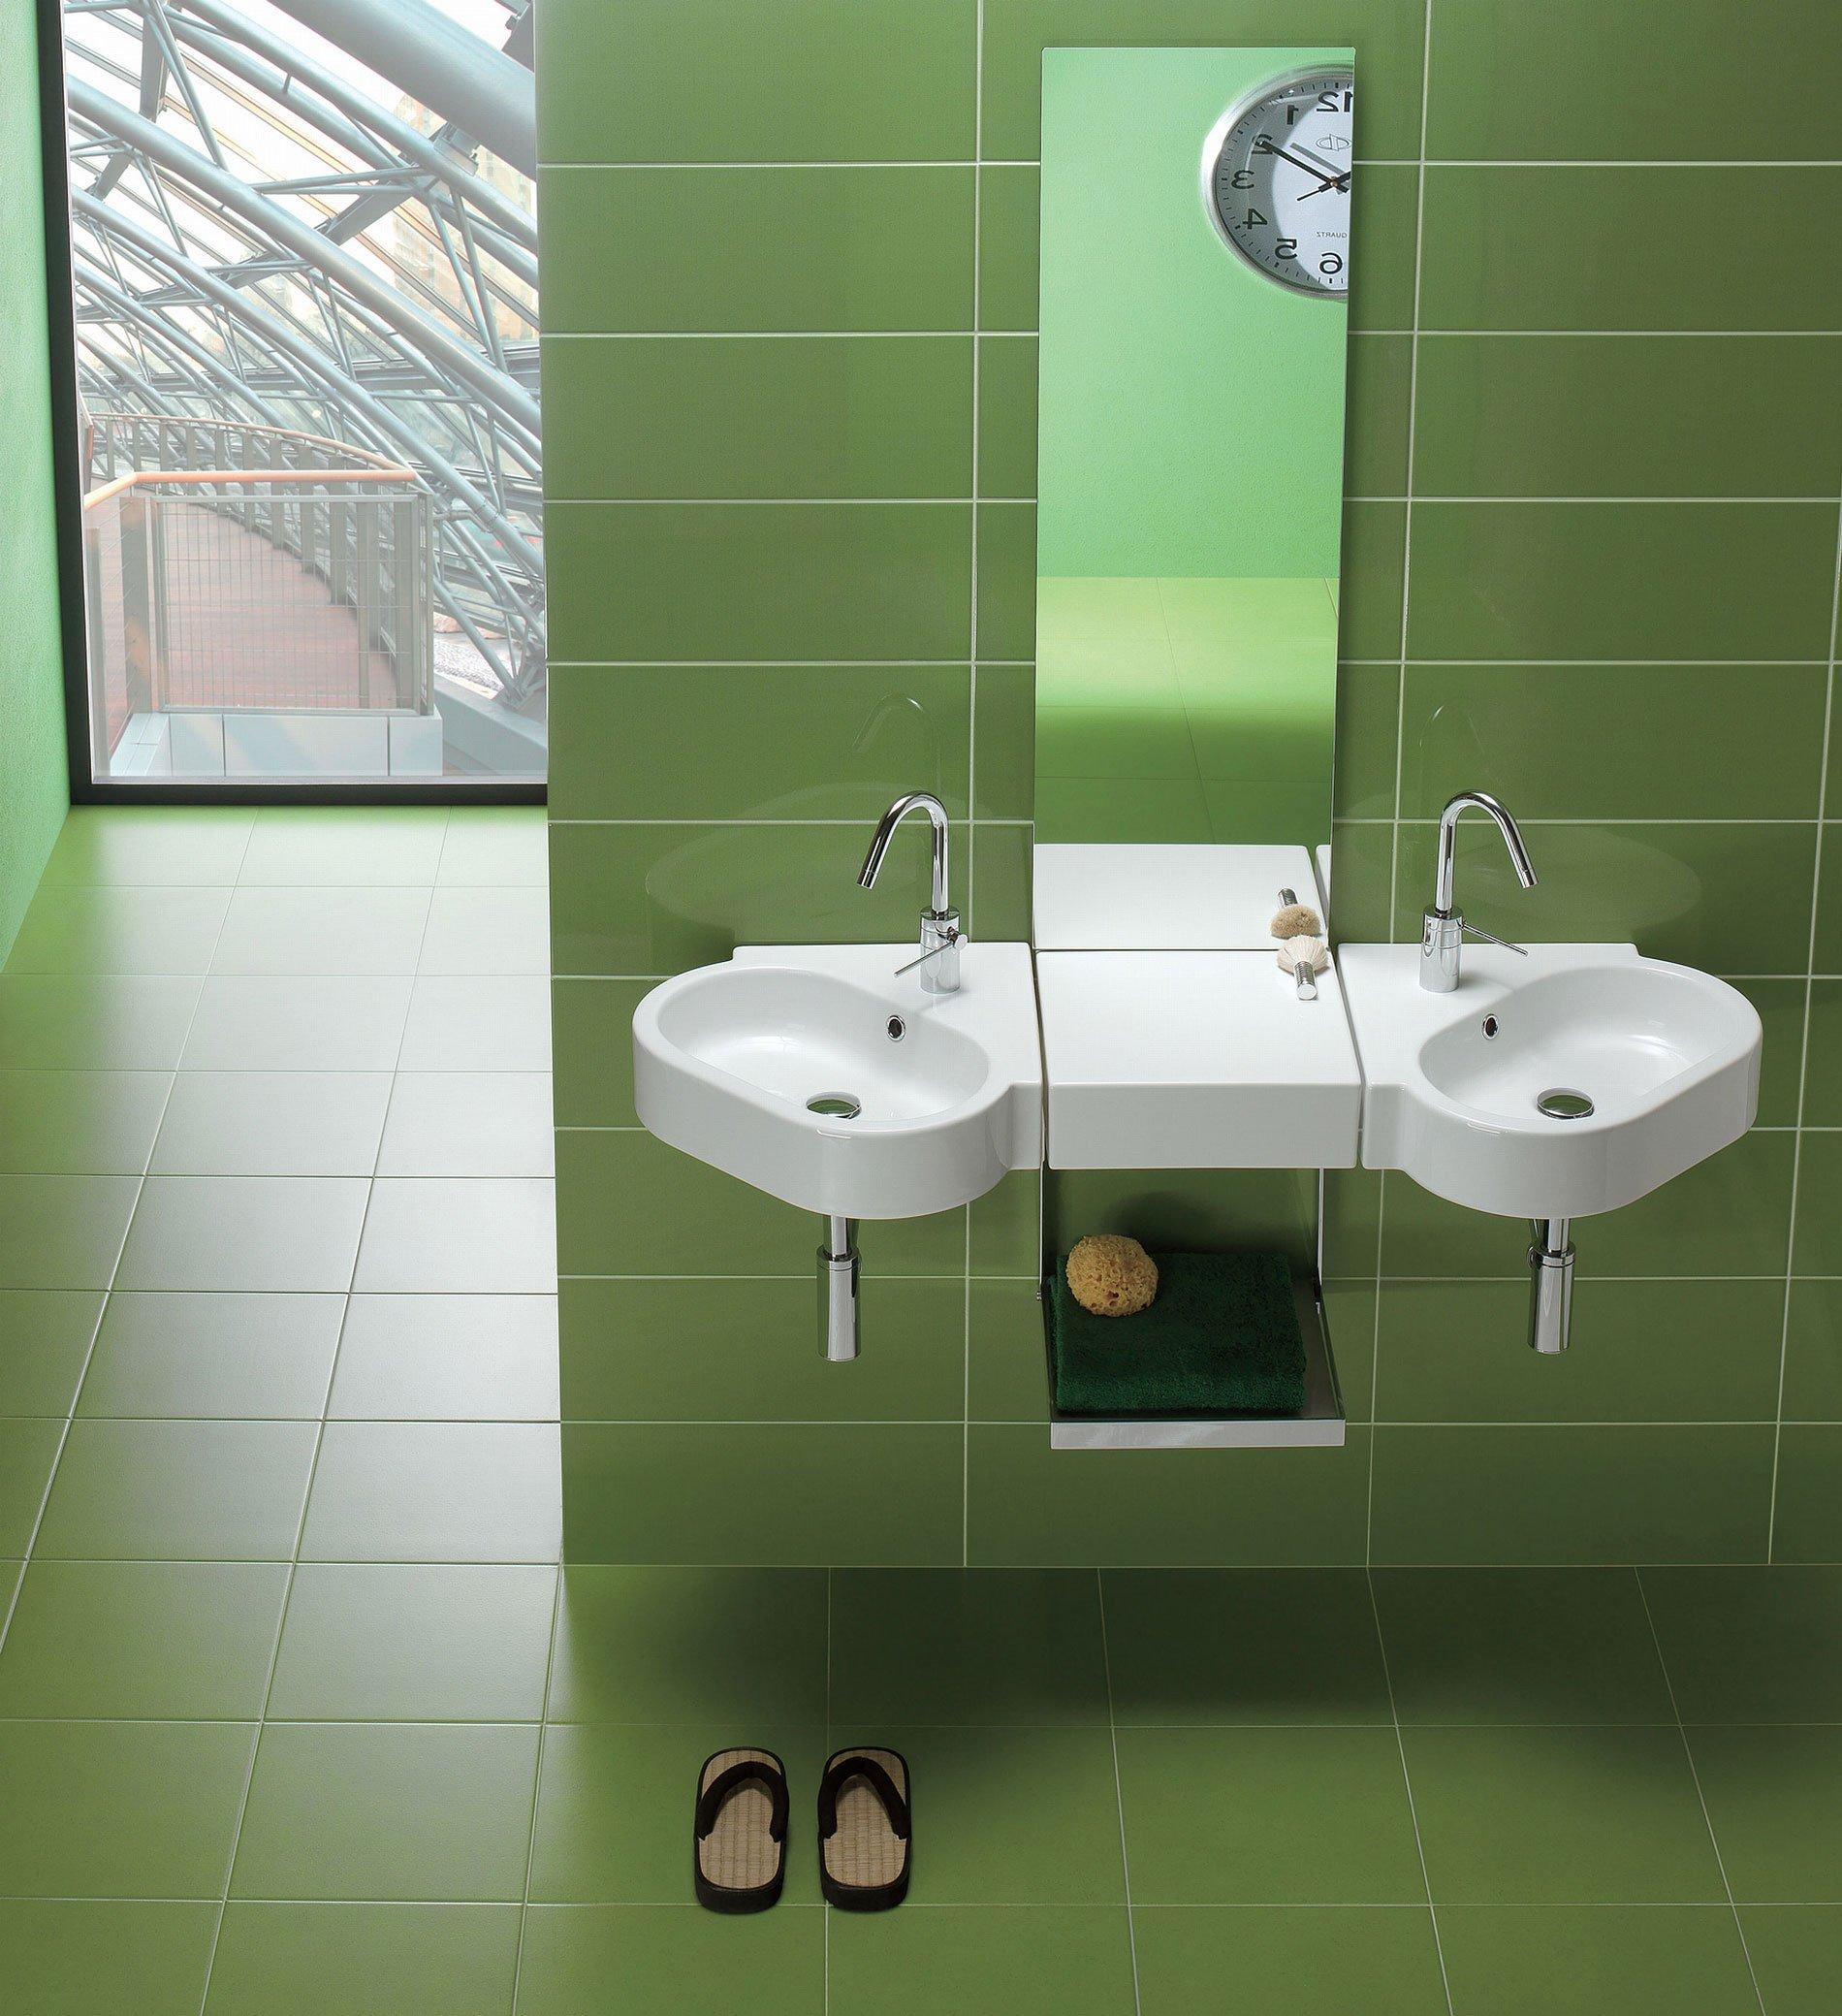 Sanitari sospesi e salvaspazio cose di casa - Metratura minima bagno ...